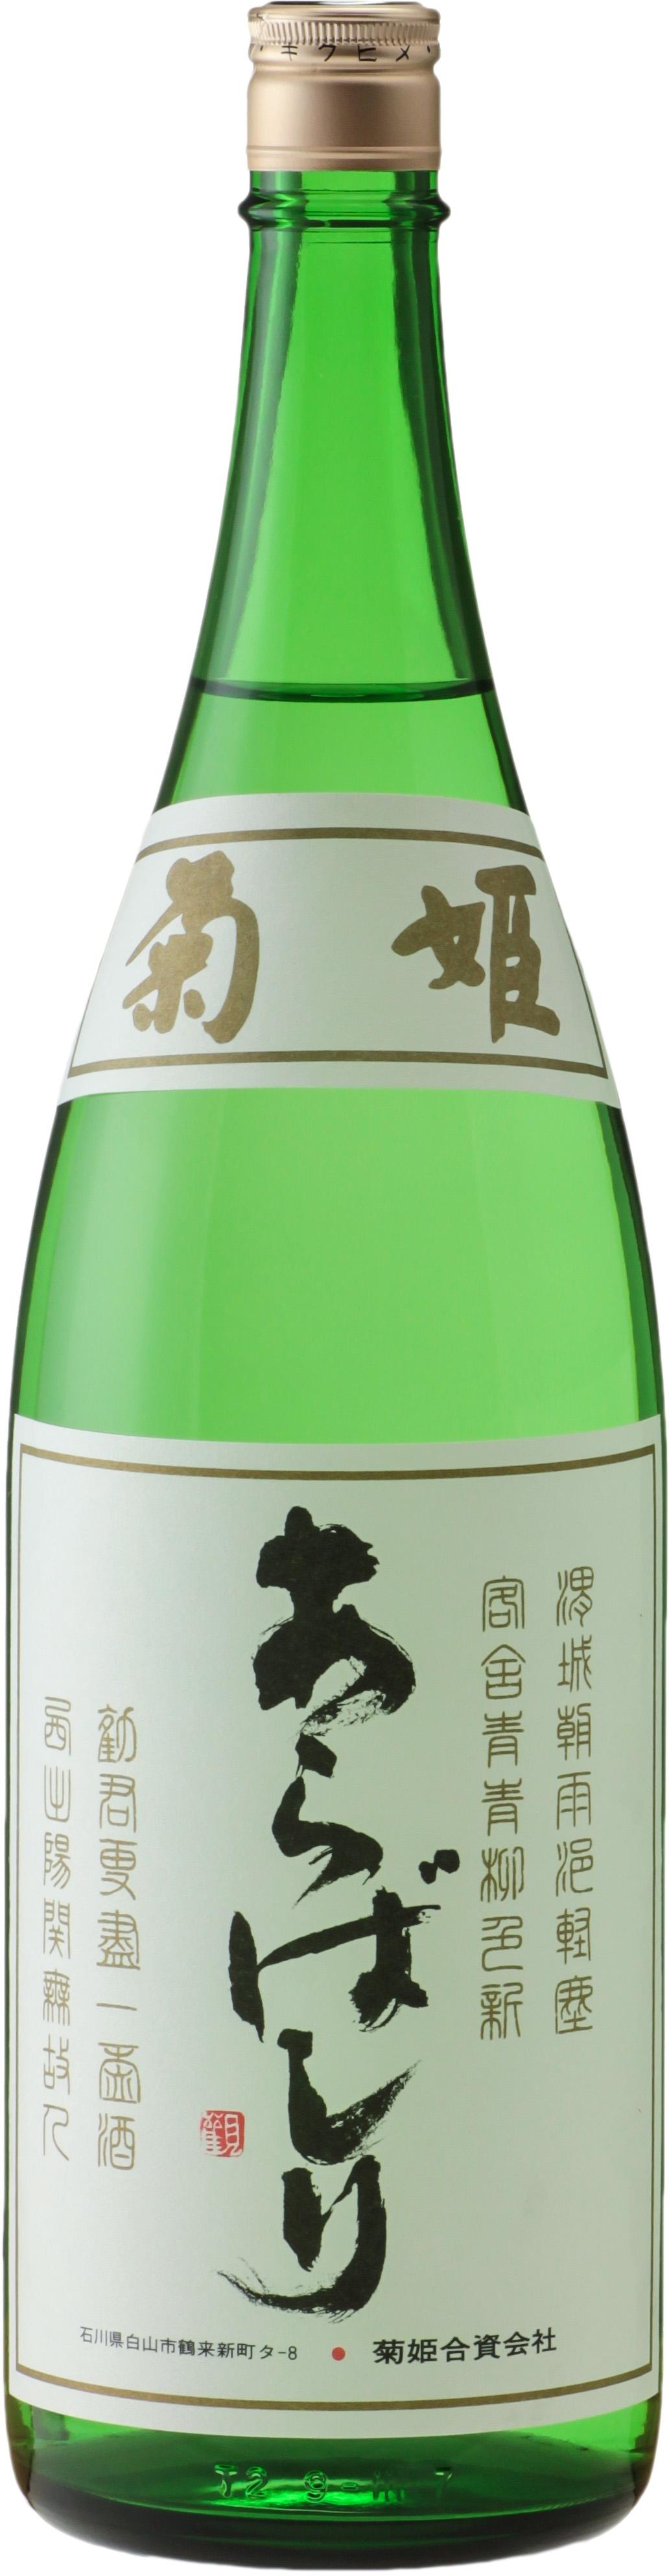 菊姫 吟醸あらばしり 1800【要冷蔵】